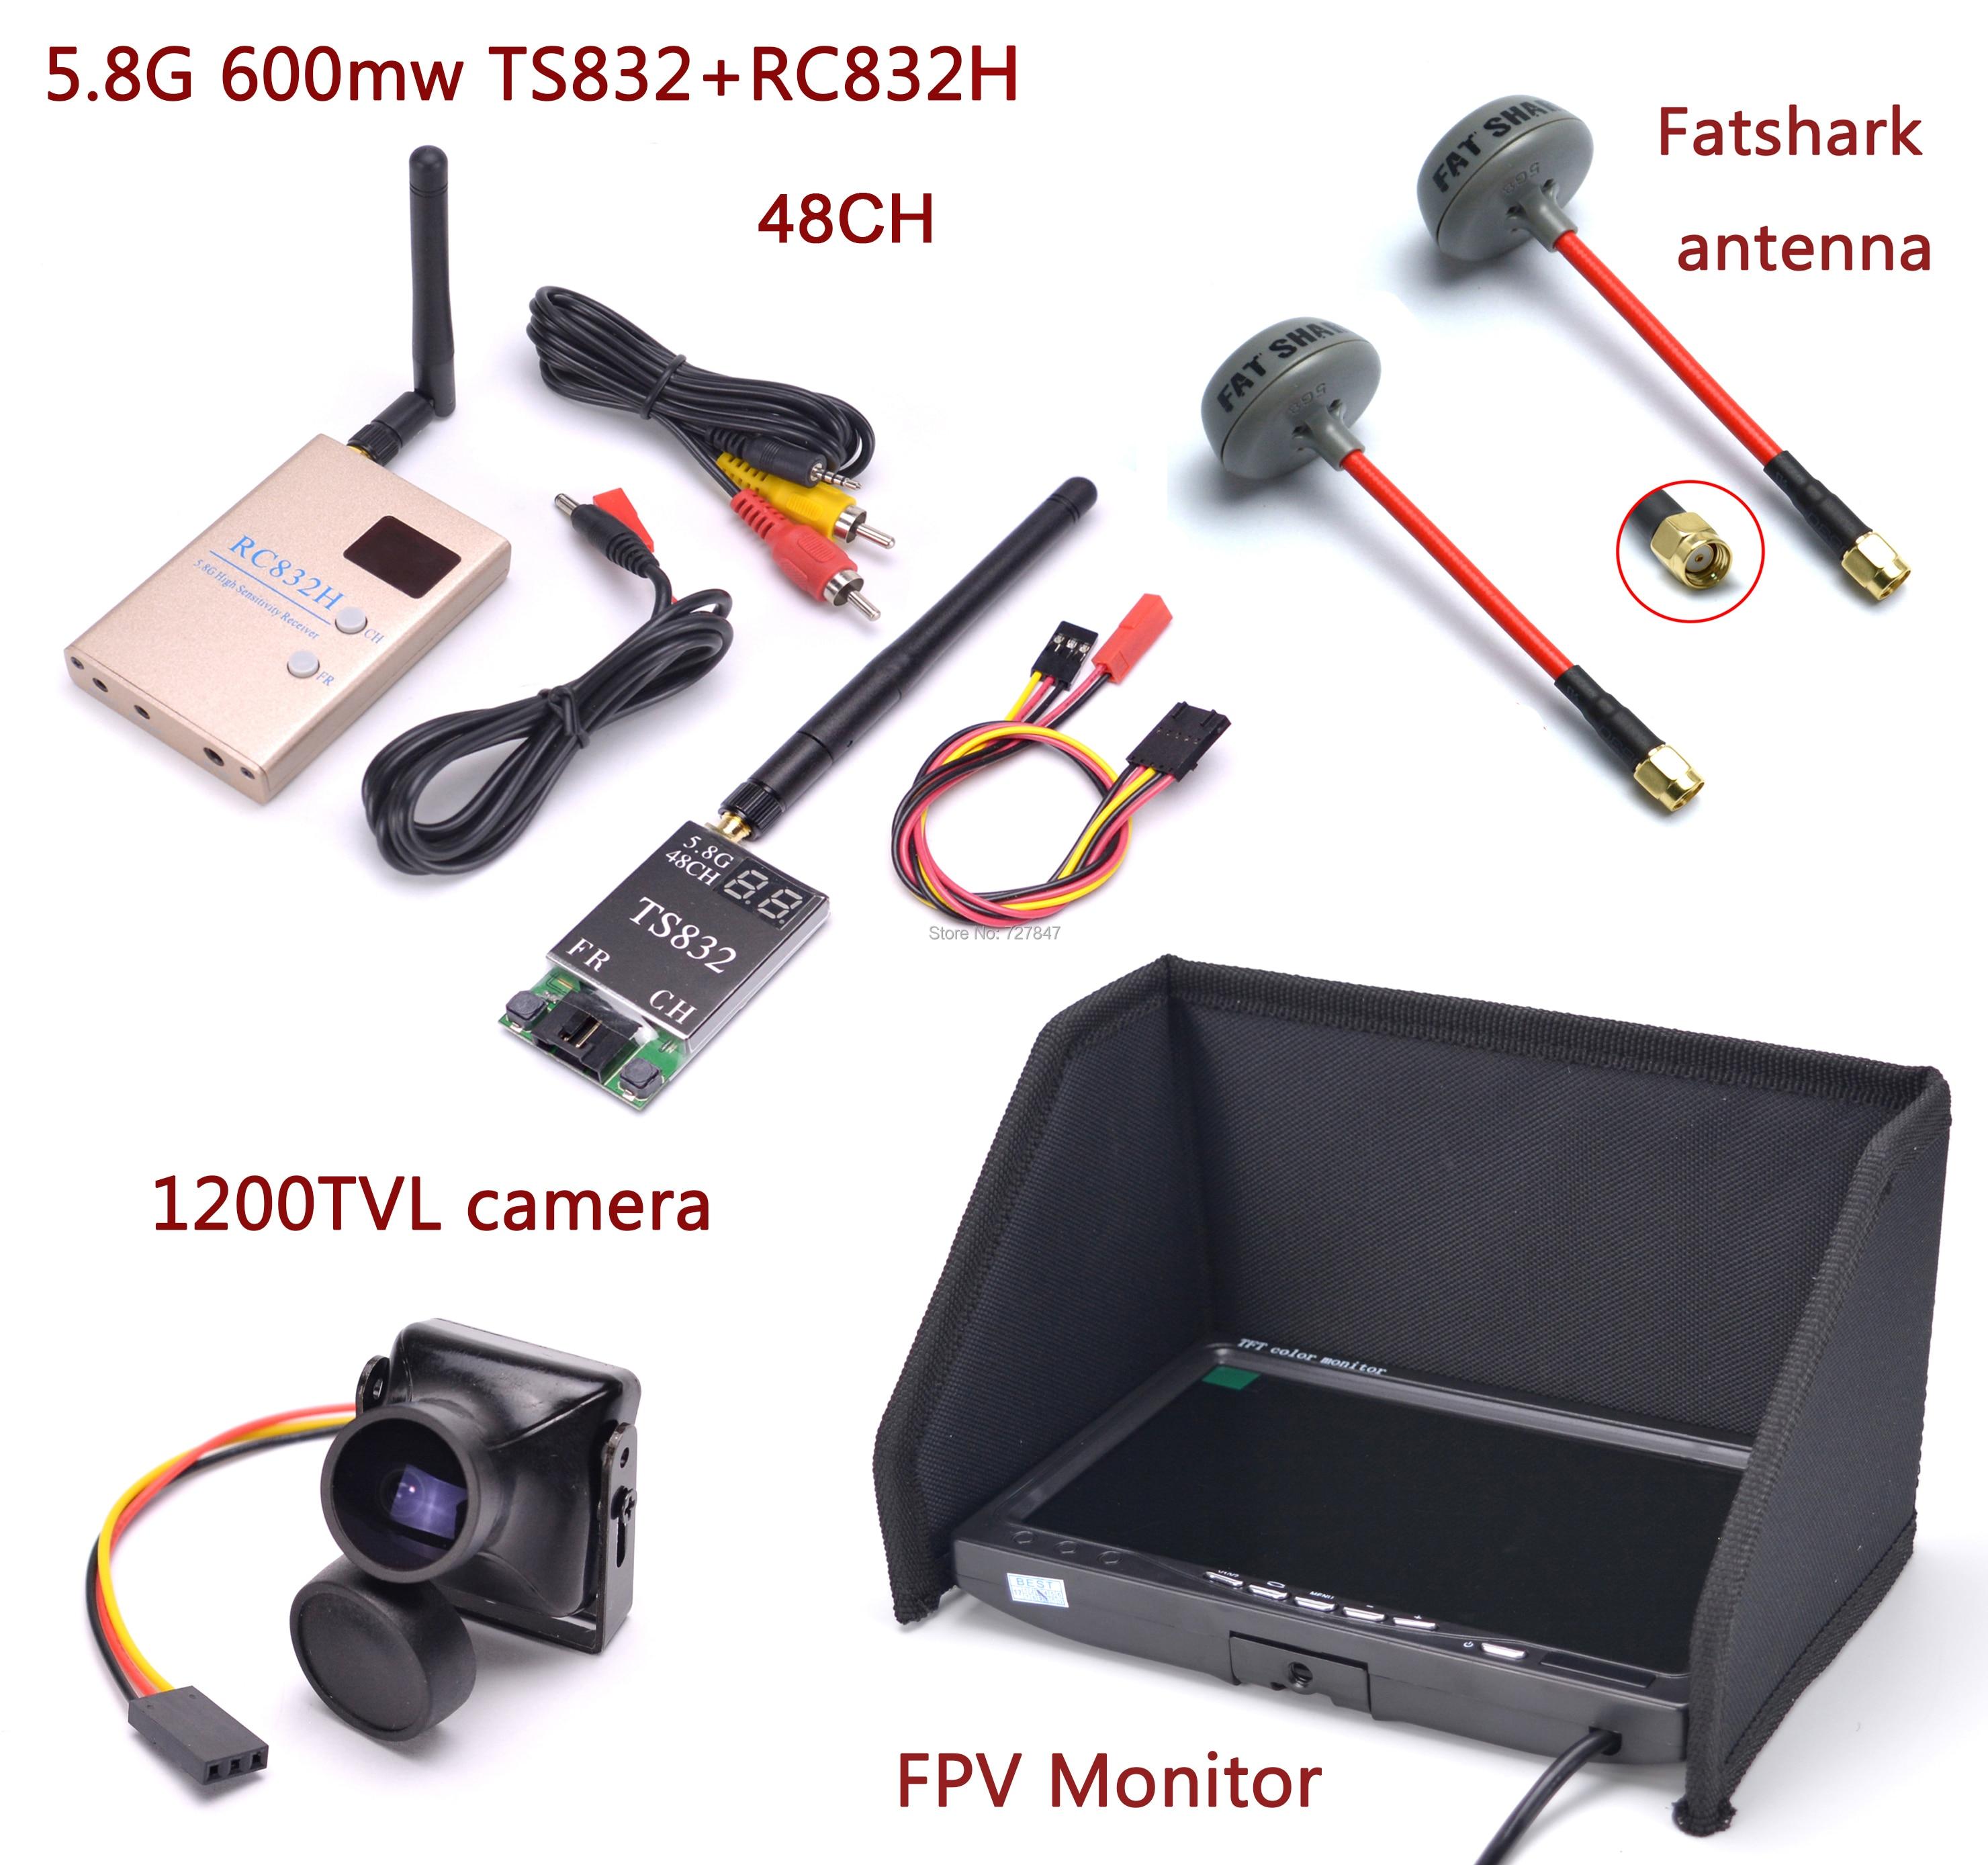 FPV Kit Combo système 1200TVL caméra + 5.8 Ghz 600 mw 48CH TS832 RC832S RC832 + 7 pouces LCD 1024x600 moniteur + antenne